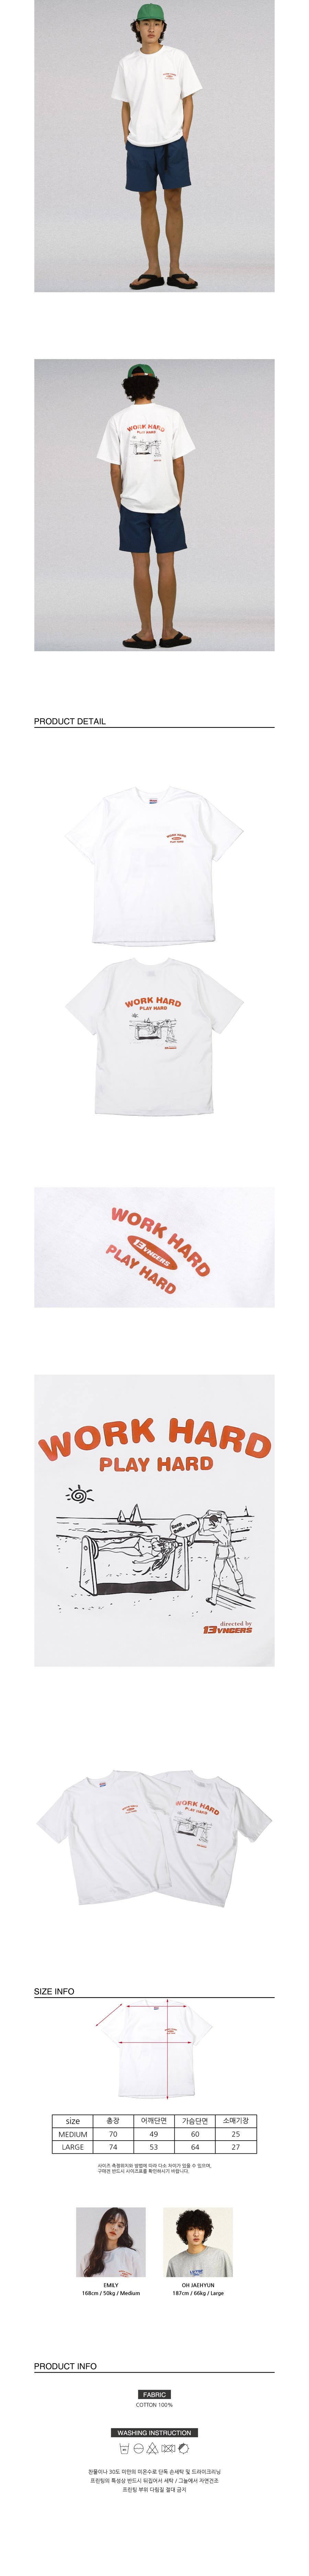 뱅어스(BANGERS) WORK HARD PLAY HARD T-SHIRT